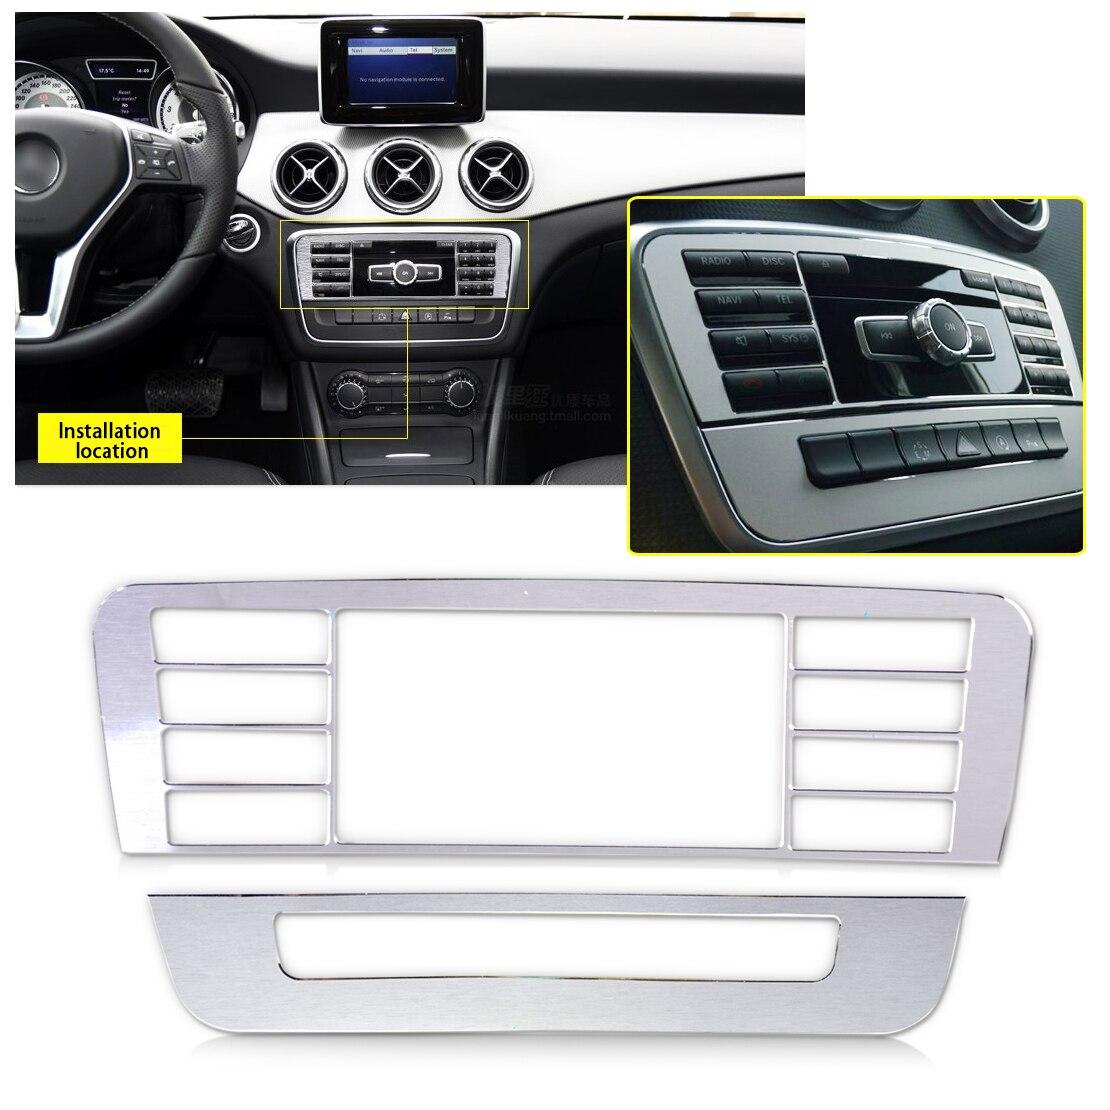 DWCX voiture style 2 pièces Console bouton de contrôle couvercle garniture cadre pour Mercedes Benz classe A W176 B classe W246 GLA classe X156